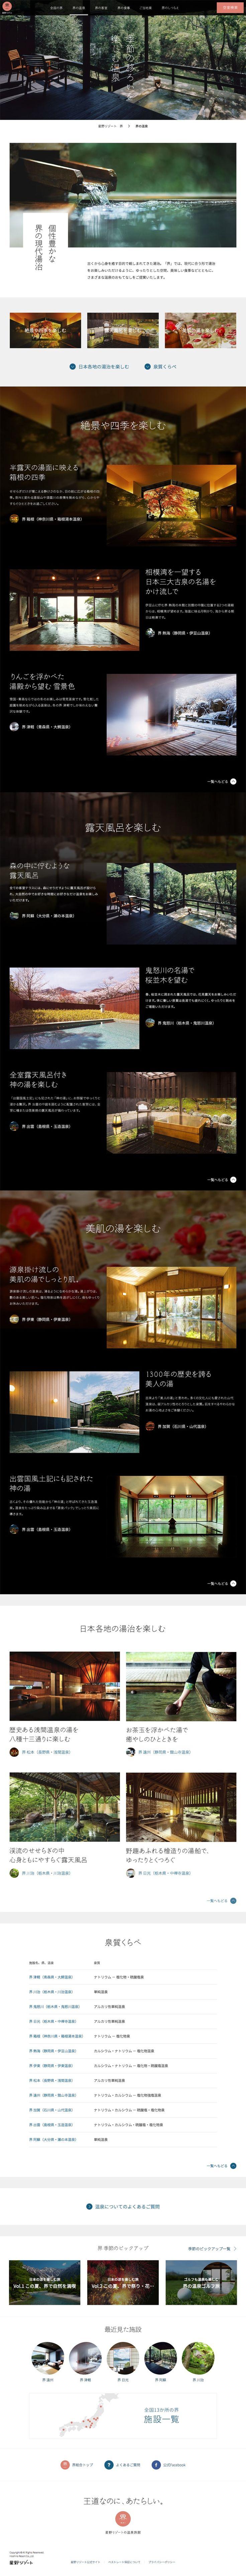 星野リゾート 界   総合サイト - works